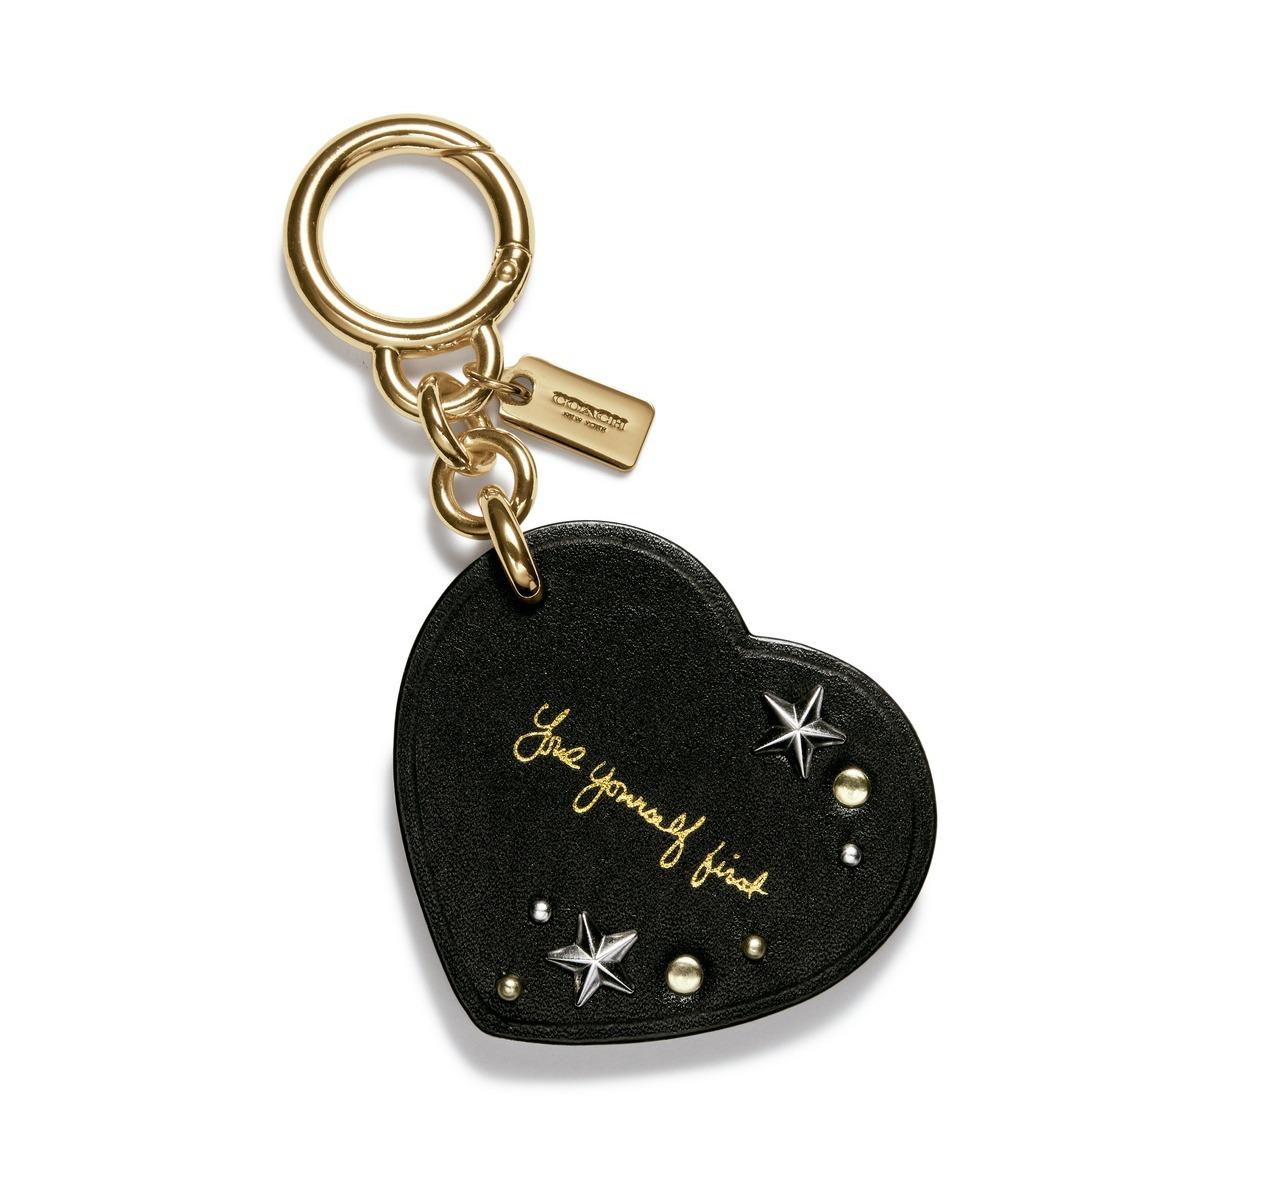 Selena Heart包包掛飾,NT$2500